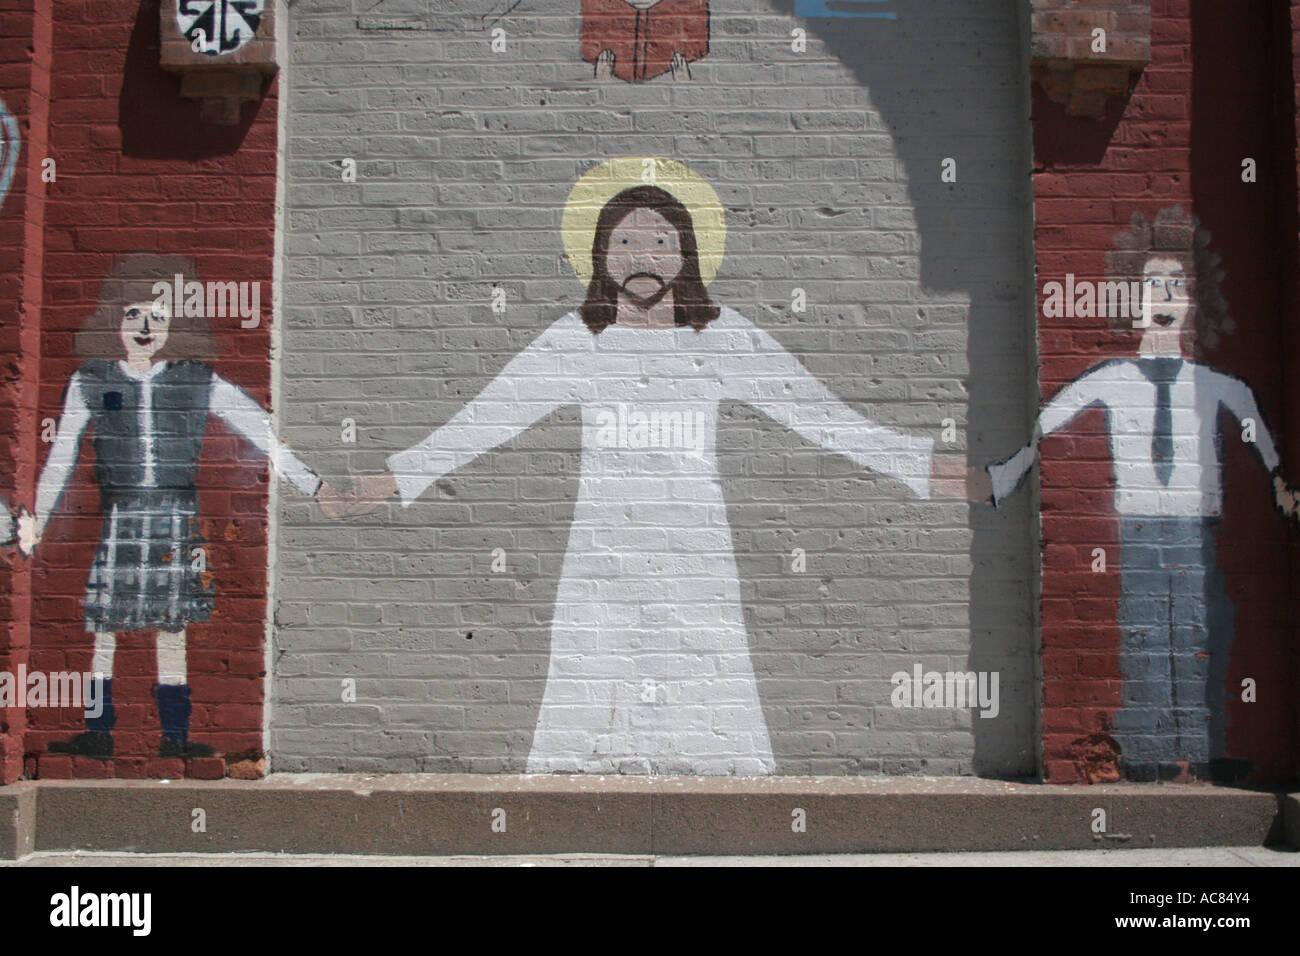 Charmant Jesus Wandbild Hände Kunst Junge Ziegel Kinder Farben Konzept Creative  Kreativität Tag Design Disco Volante Außen Mädchen Halo Halten